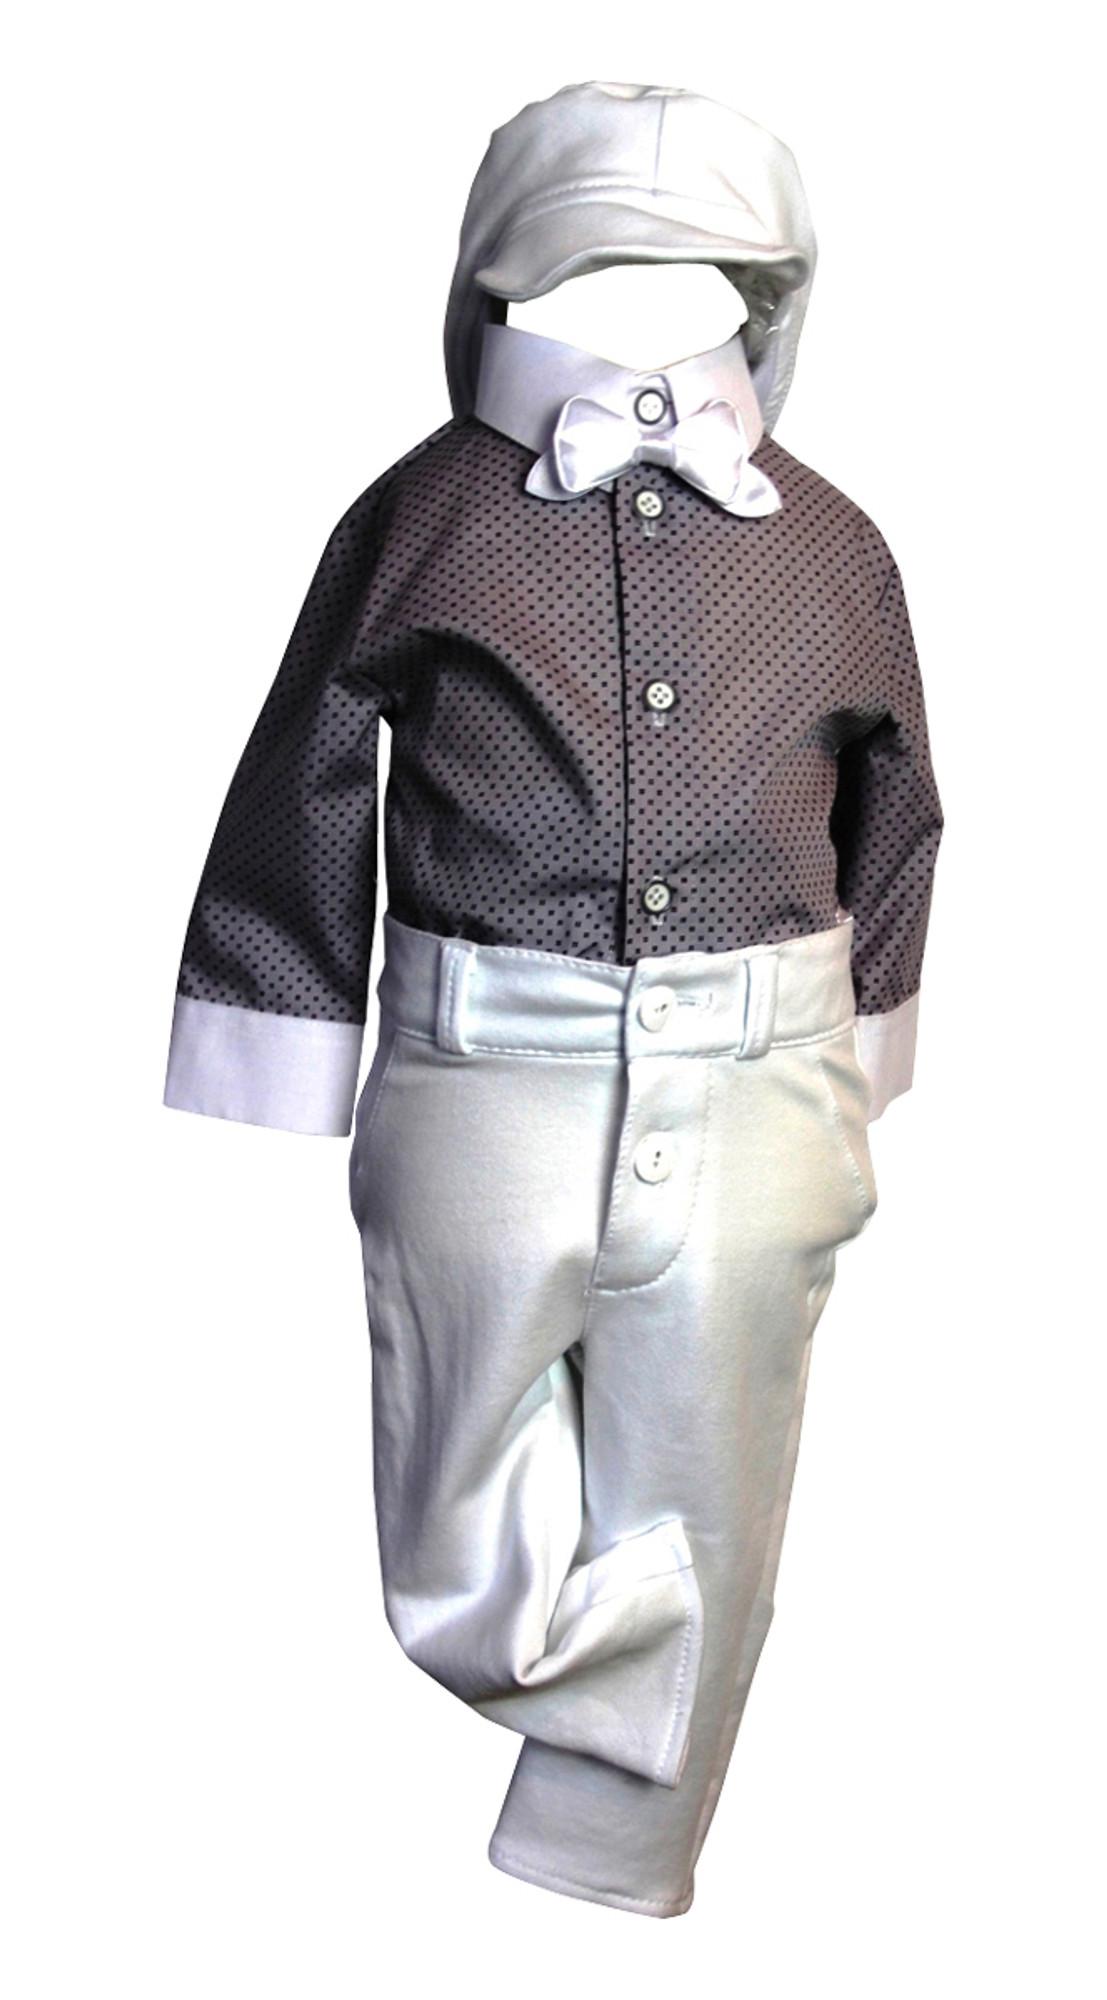 BIMARO Baby Jungen Babyanzug Luan Taufanzug grau weiß Jerseyhose Hemdbody gemustert Fliege Cap Anzug Taufe Hochzeit Anlass 001